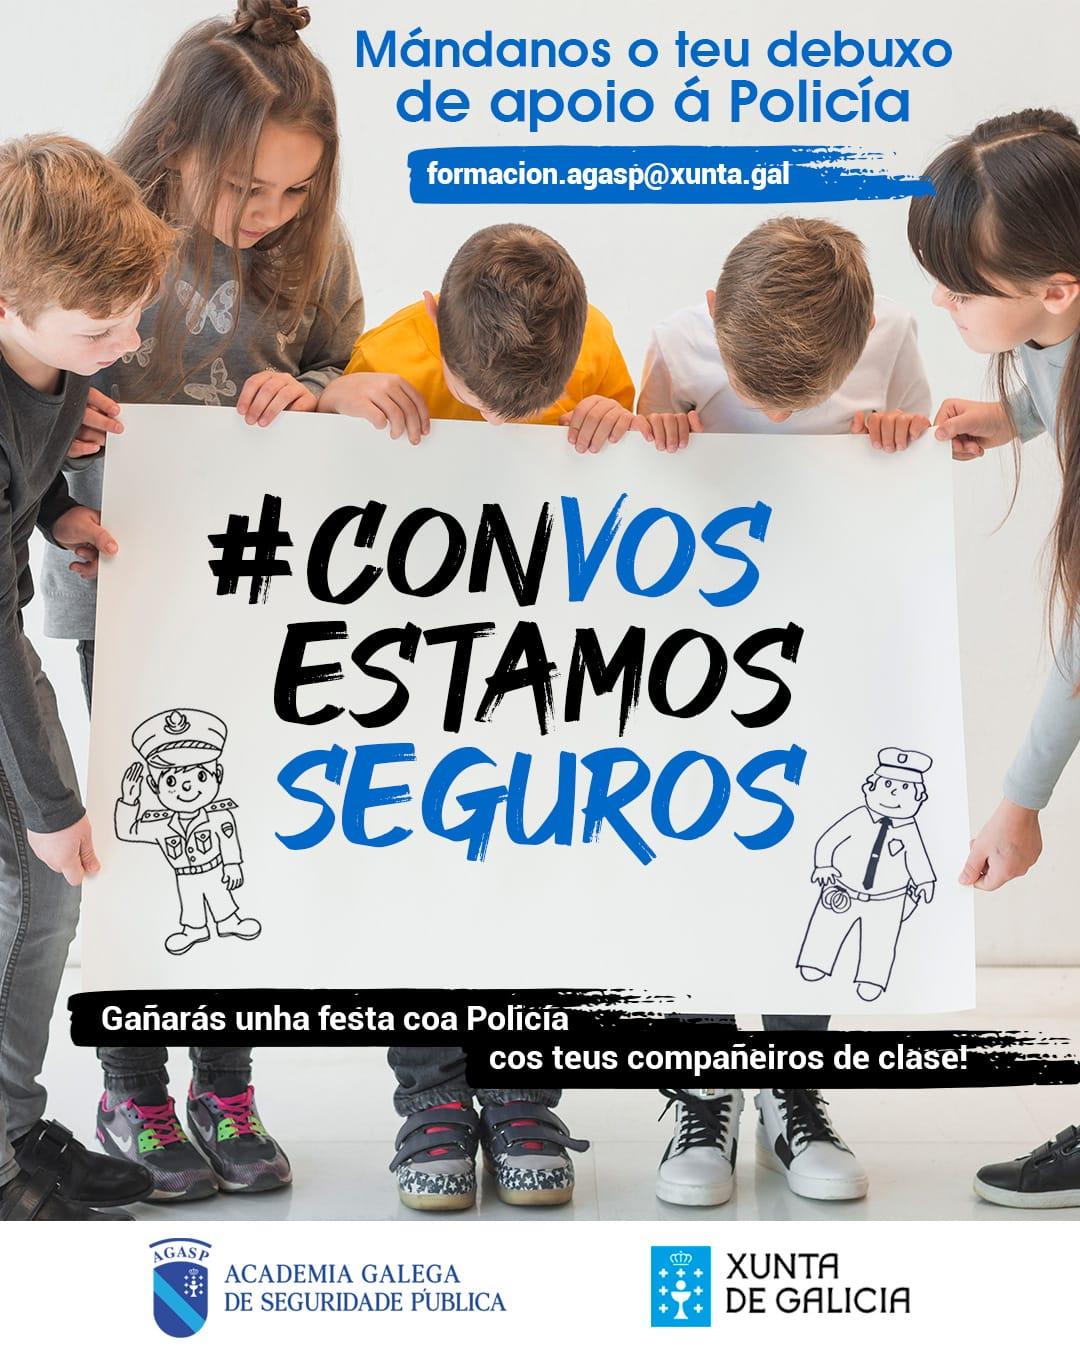 Un concurso de debuxo permitirá a escolares galegos trasladar as súas mostras de ánimo e agradecemento a Policía e Garda Civil